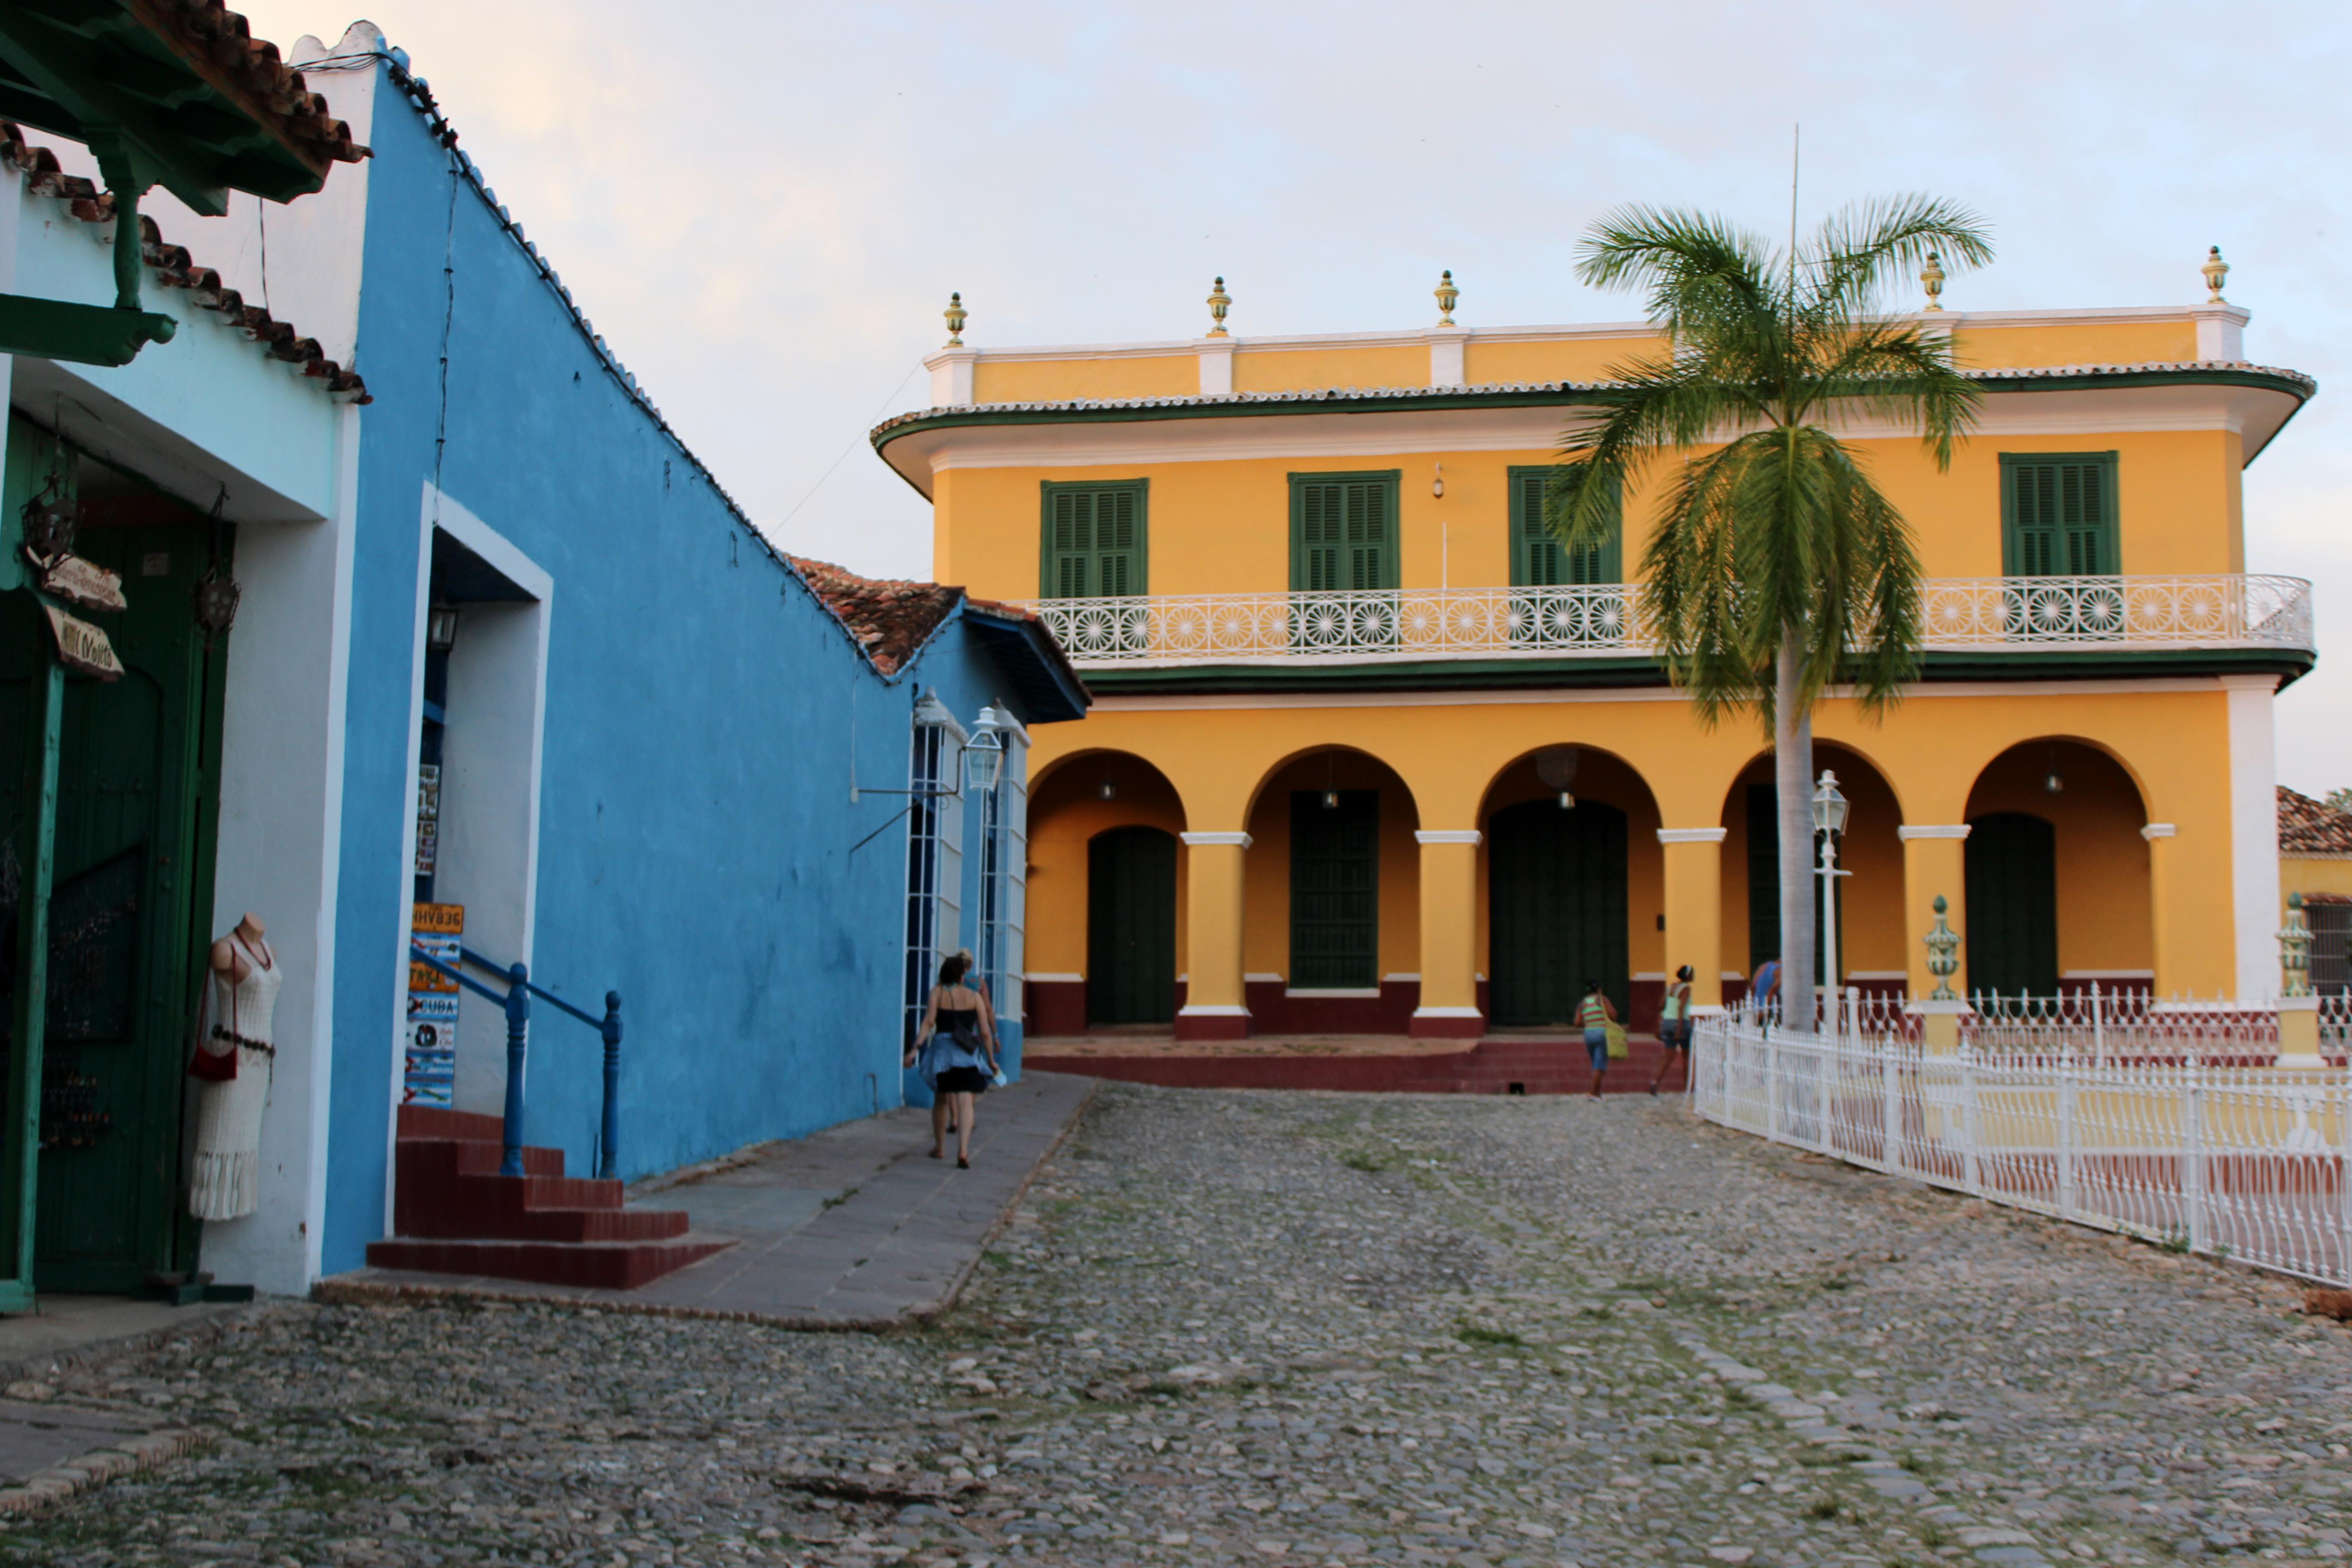 Walking near the Plaza Mayor in Trinidad, Cuba.